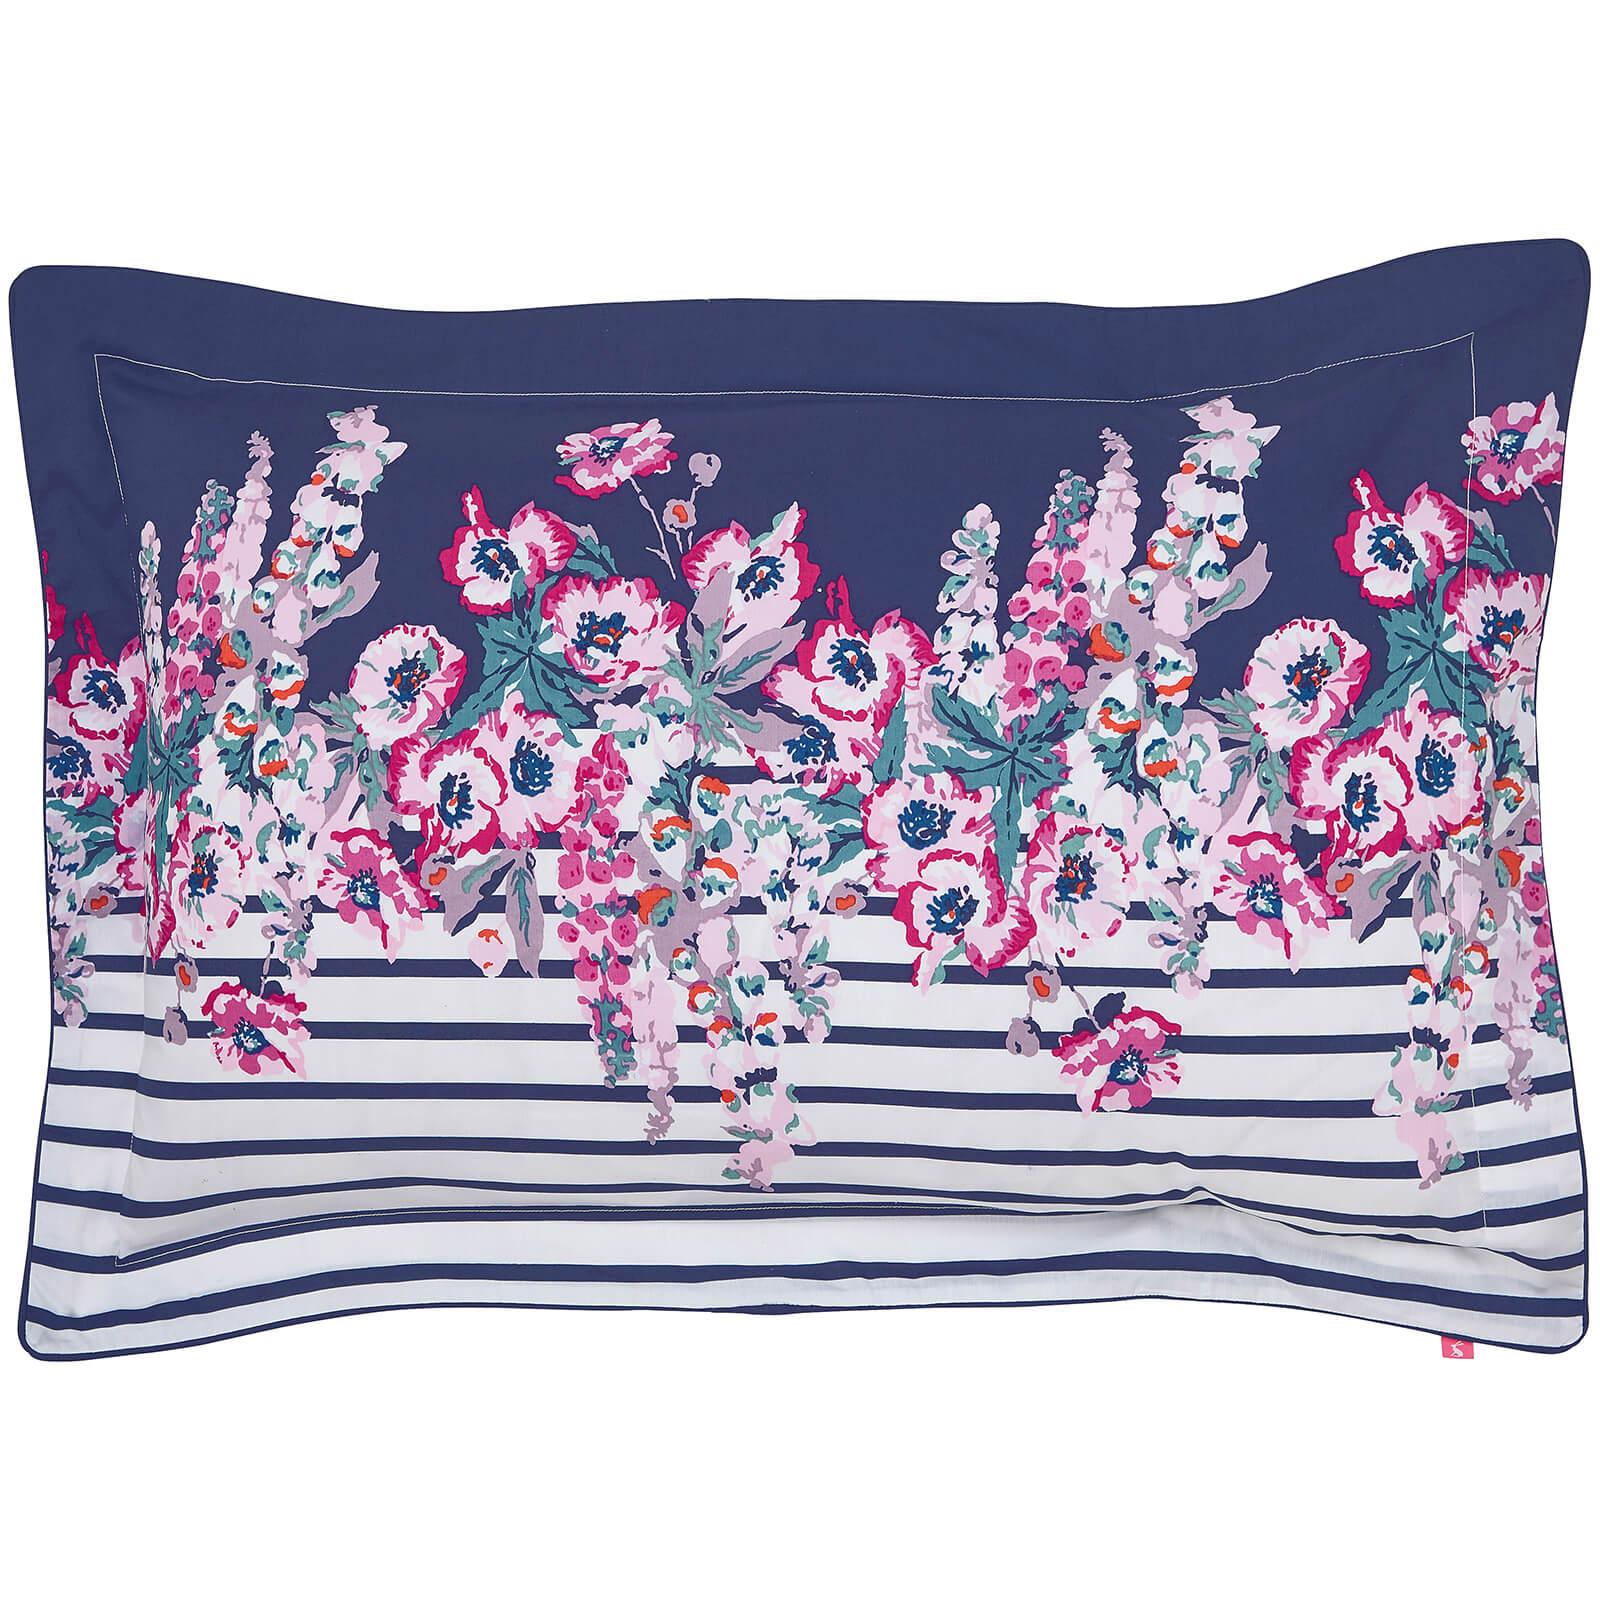 Joules Cottage Garden Border Stripe Oxford Pillowcase - Navy